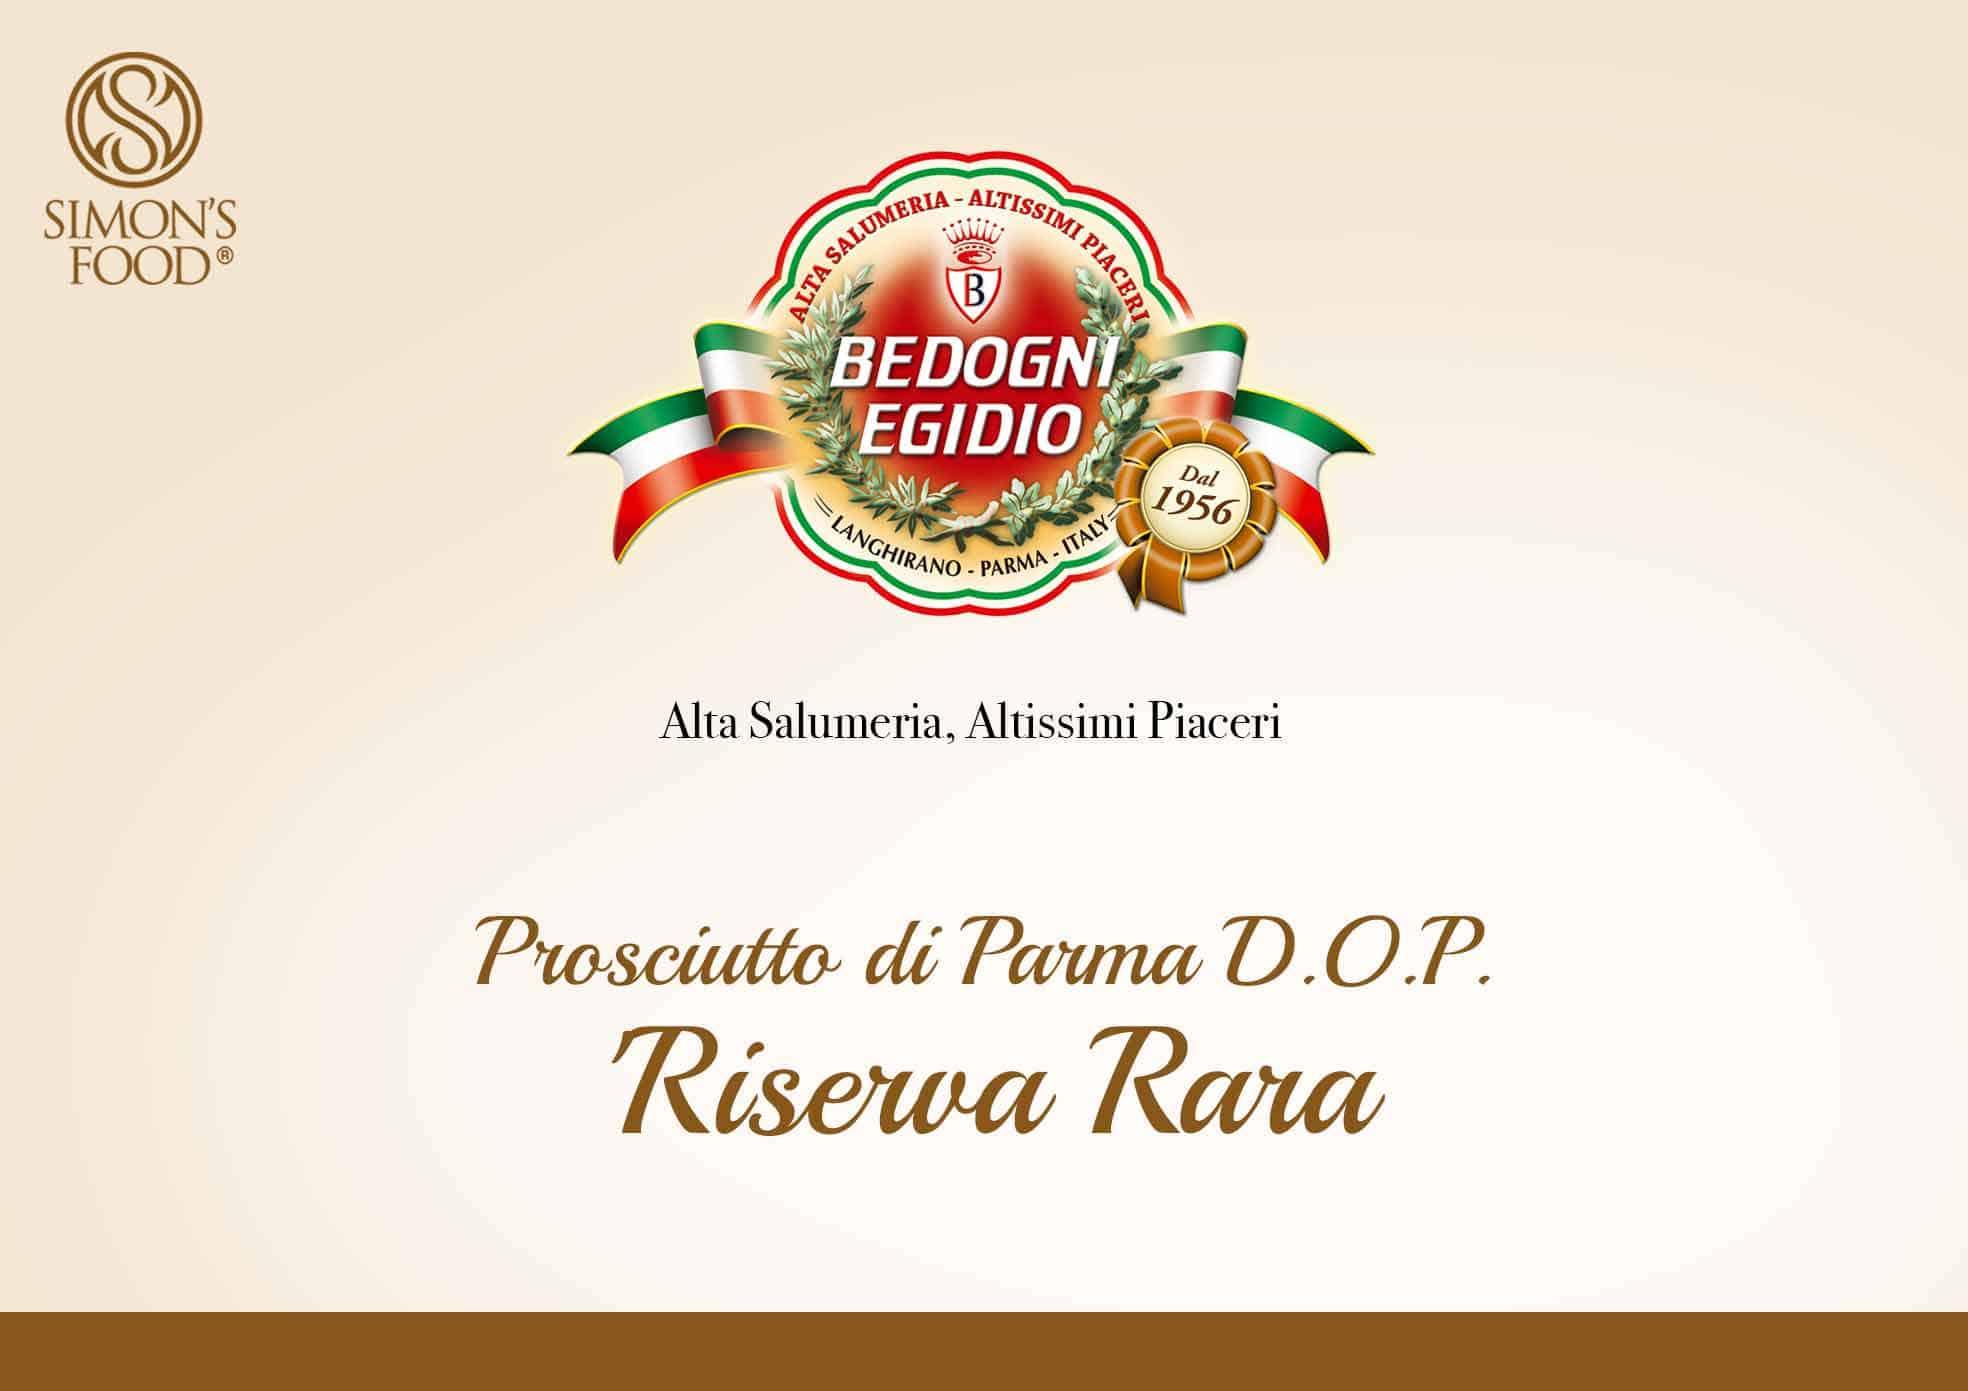 """Prosciutto di Parma D.O.P. Bedogni """"Riserva Rara"""""""